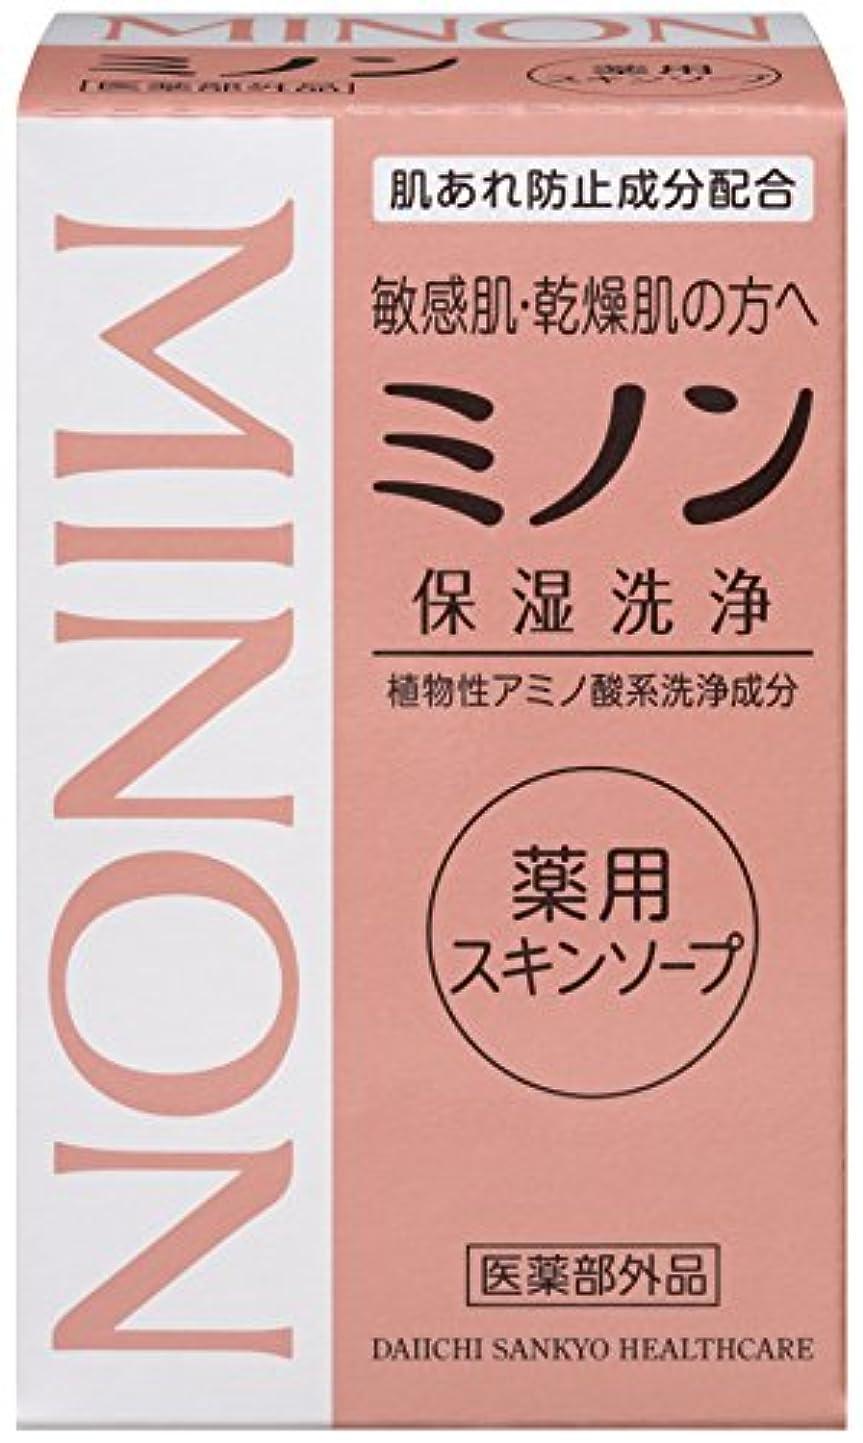 購入佐賀たるみMINON(ミノン) 薬用スキンソープ 80g 【医薬部外品】